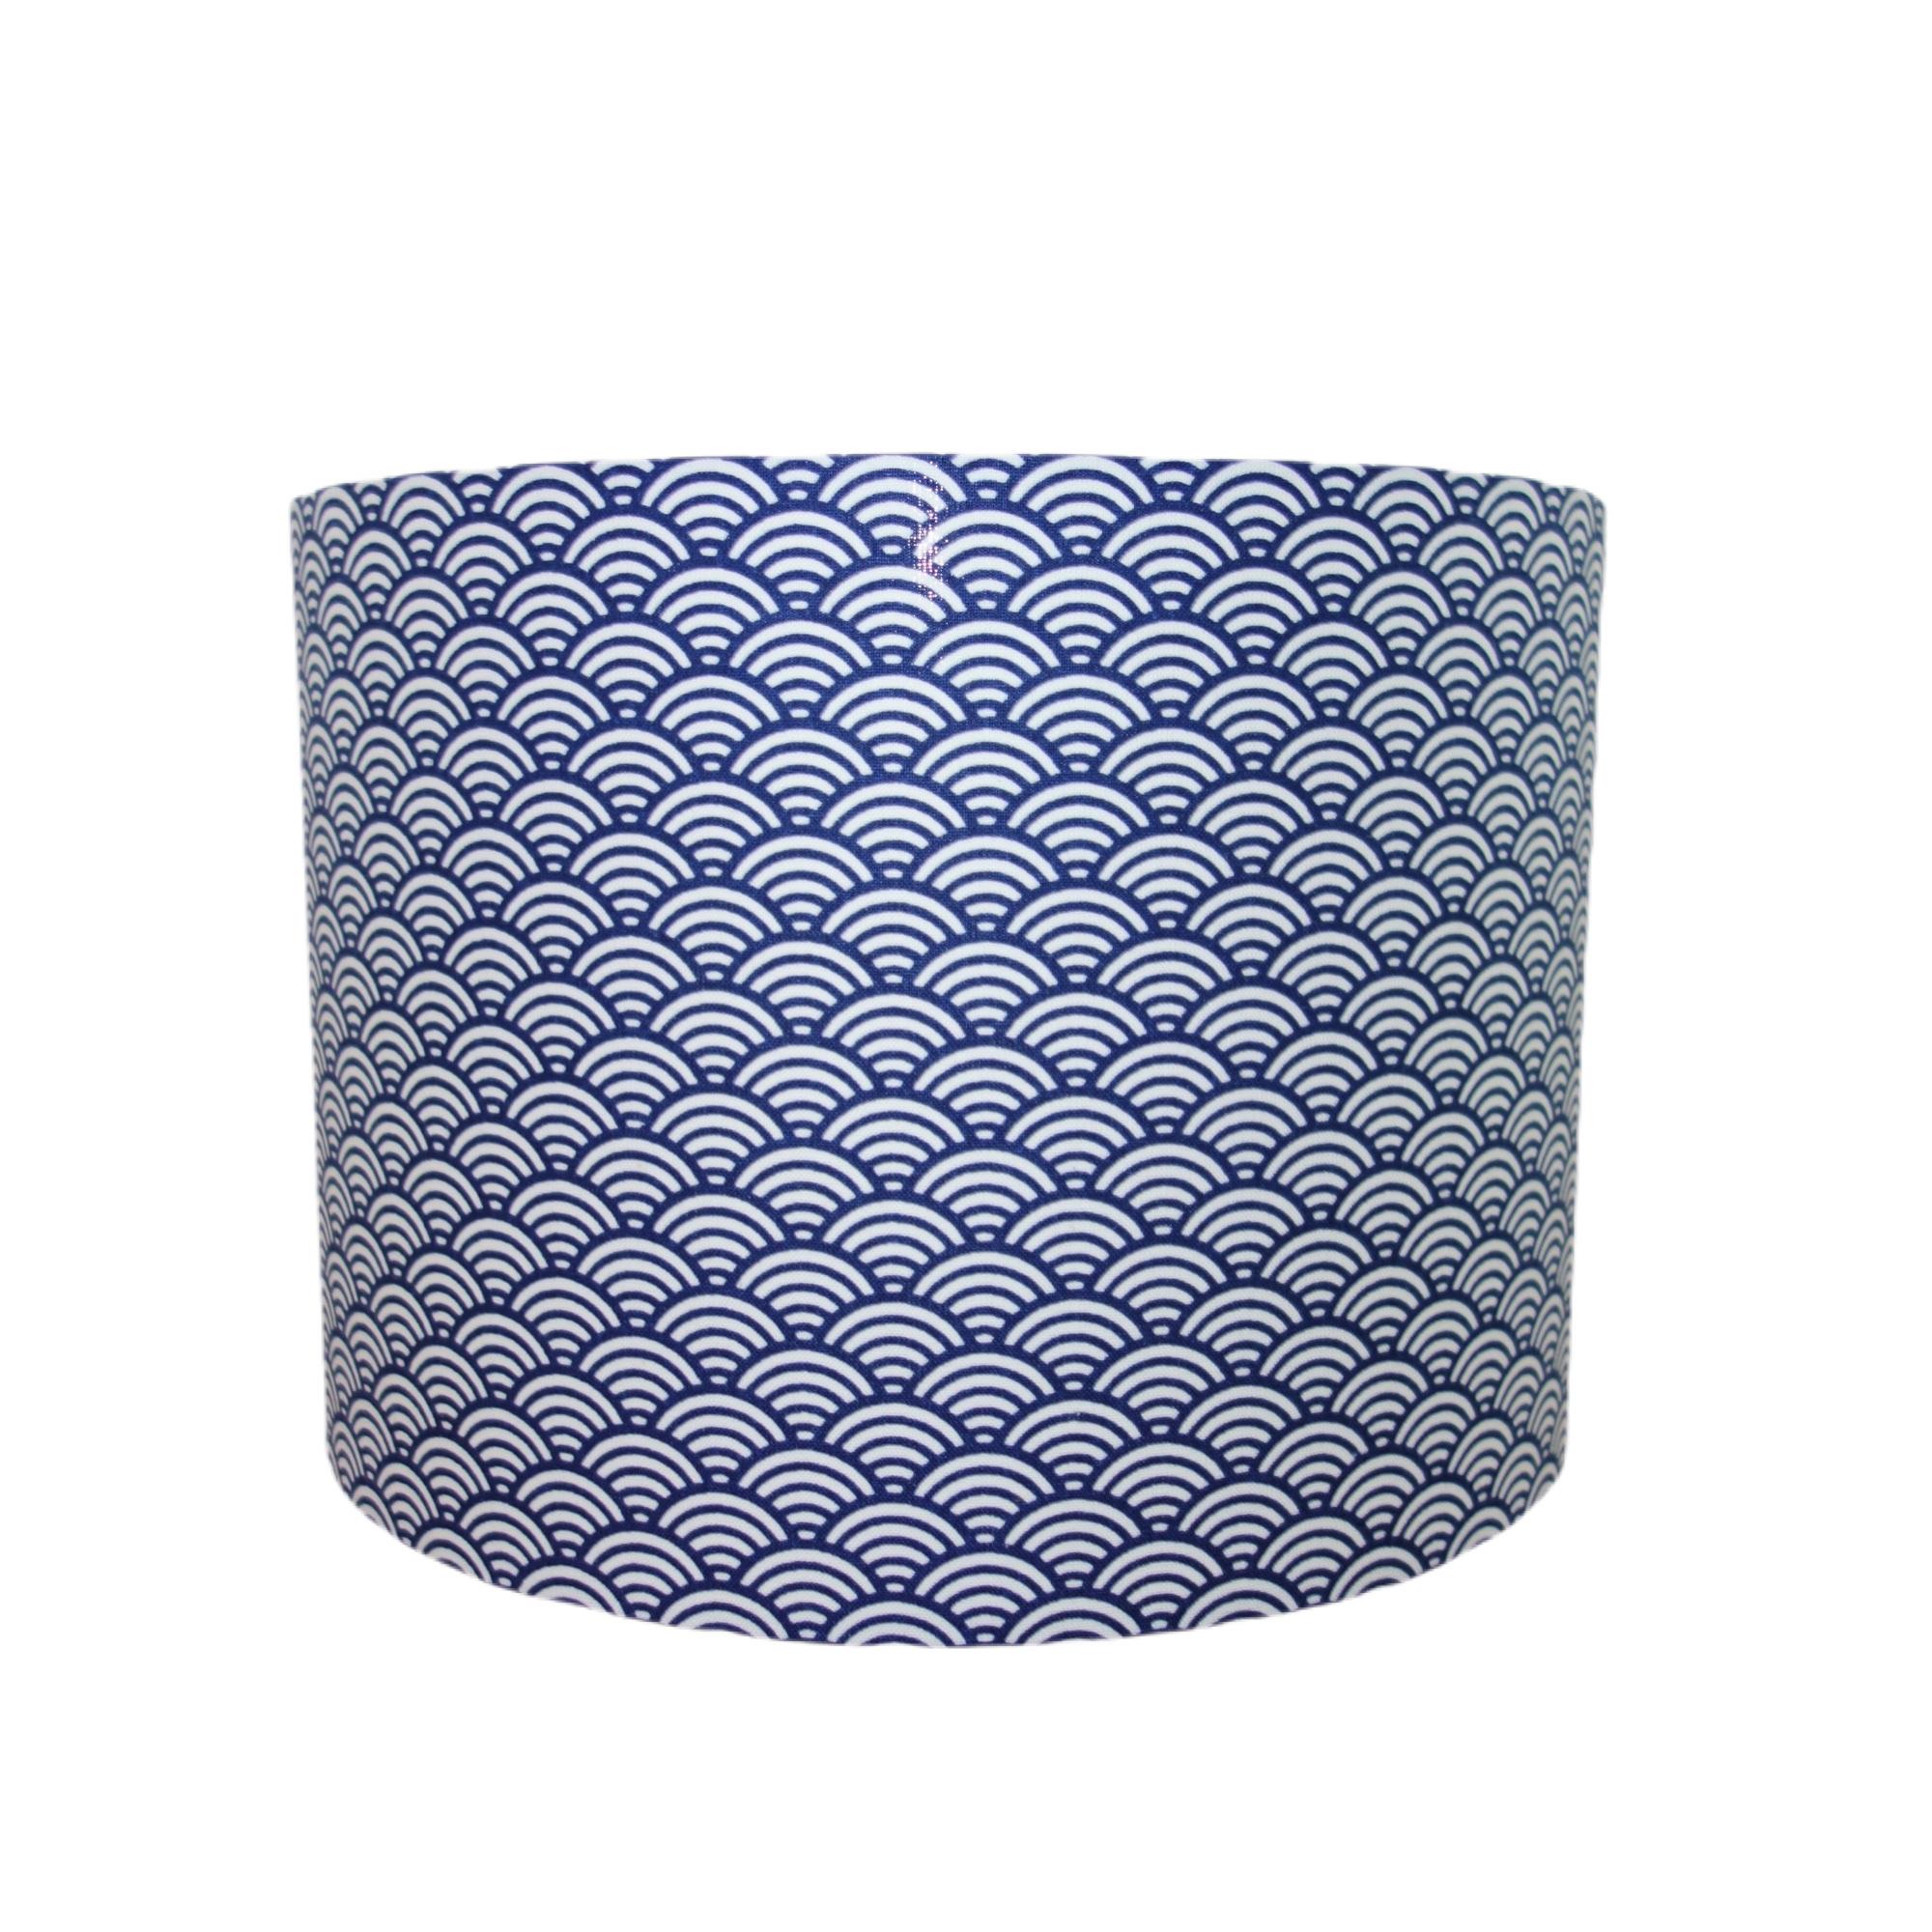 Suspension vague bleu marine diamètre 20 cm